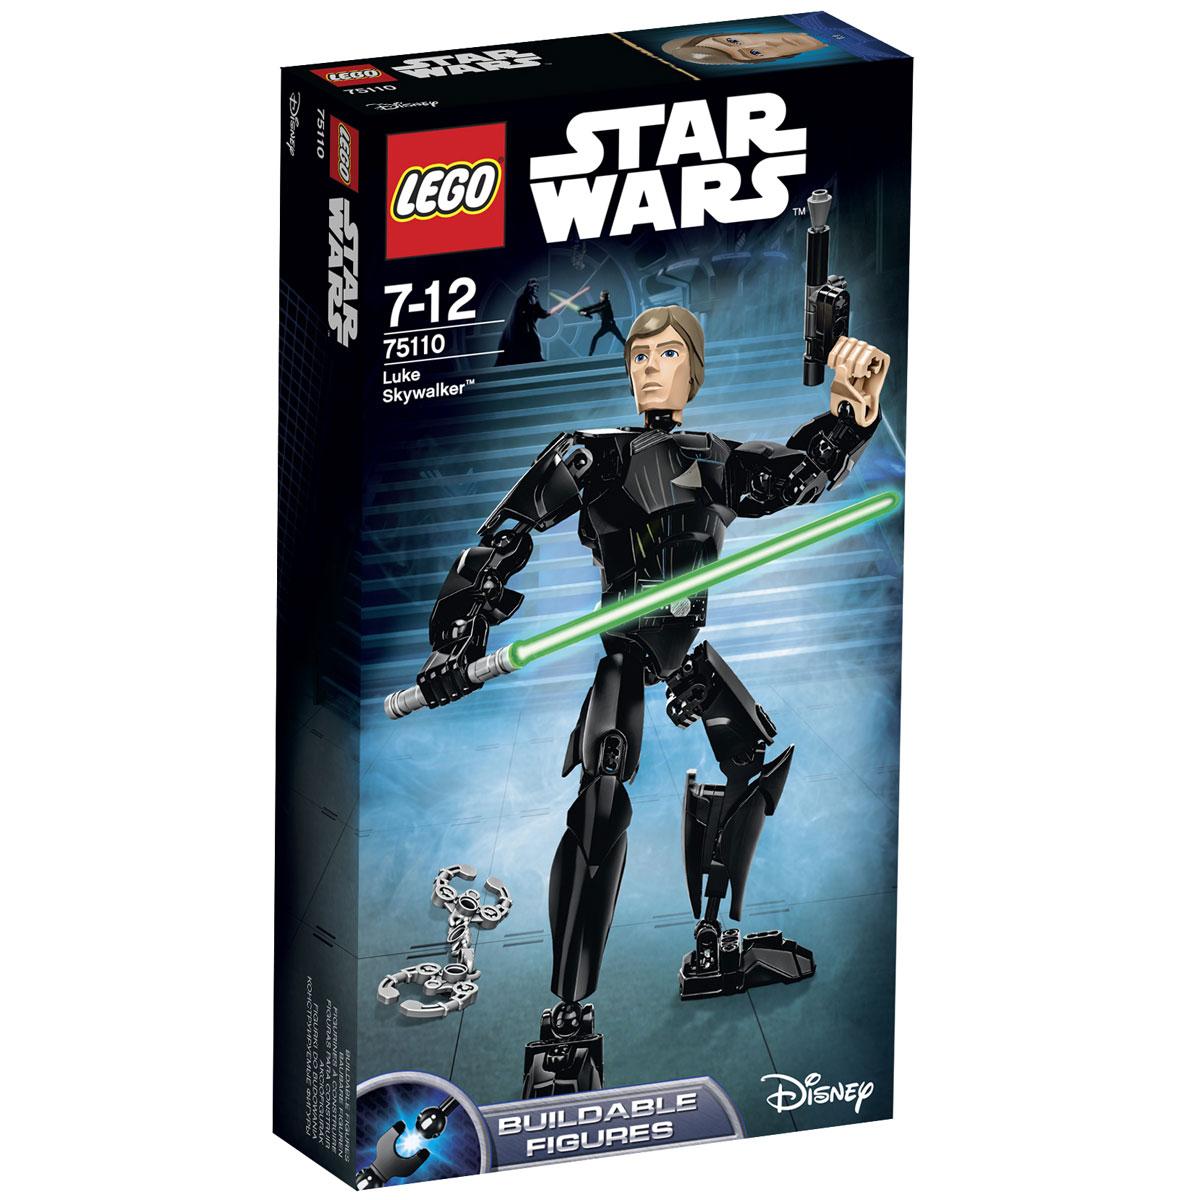 LEGO Star Wars Конструктор Люк Скайуокер 7511075110Конструктор LEGO Люк Скайуокер станет отличным подарком фанатам Звездных войн! Фигура Люка Скайуокера выполнена с огромным вниманием к деталям. Её внешний вид наглядно демонстрирует готовность героя вступить в сражение со всеми приспешниками Императора и даже со своим собственным отцом. Благодаря шарнирной конструкции рук и ног, Люк может сгибать локти и колени, а также поворачивать запястья и стопы. Это позволяет принимать реалистичные боевые позы и не терять равновесие. Ещё одной отличительной особенностью фигуры является только одна здоровая рука. Это говорит о том, что юный джедай уже встречался в бою с Дартом Вейдером и в результате поединка лишился правой руки. Также в наборе присутствуют наручники и световой меч с креплением к ноге, что напоминает о главном эпизоде киносаги, когда Люк сдался имперским солдатам, попал на Звезду Смерти II и принял участие в финальной дуэли на световых мечах. Конструктор - это один из самых увлекательнейших и веселых способов...